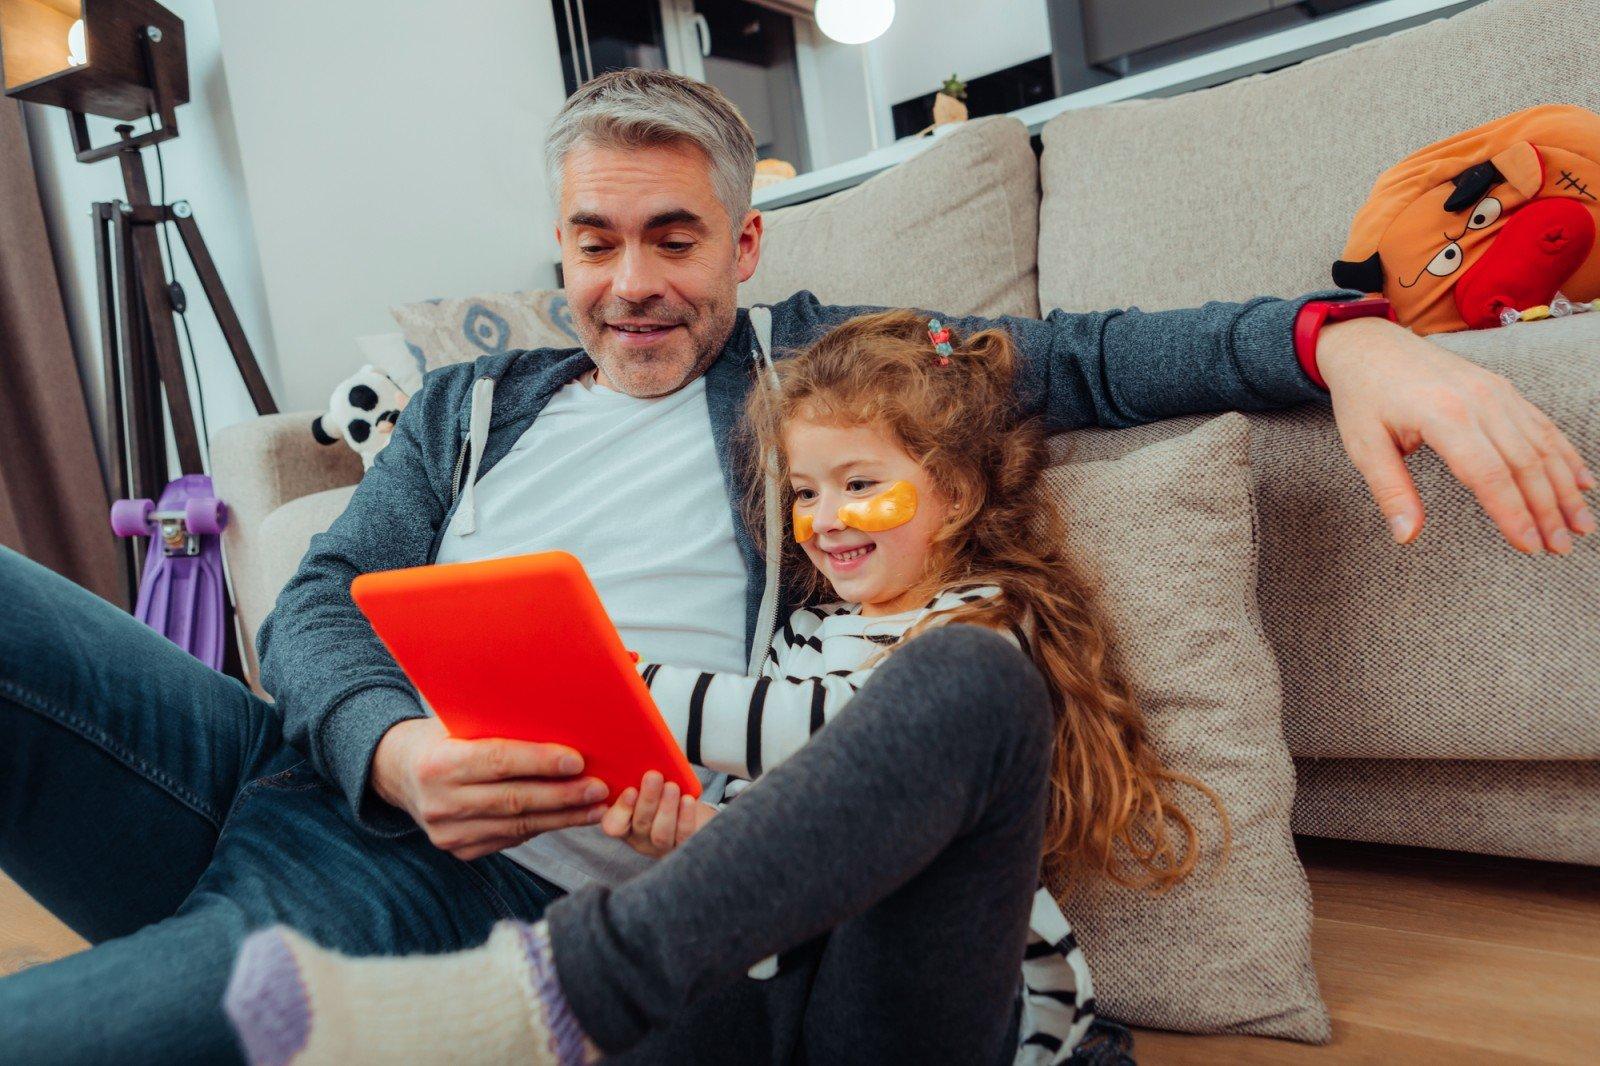 Как превратить дом в царство радости? Три простых рецепта позитива по феншую